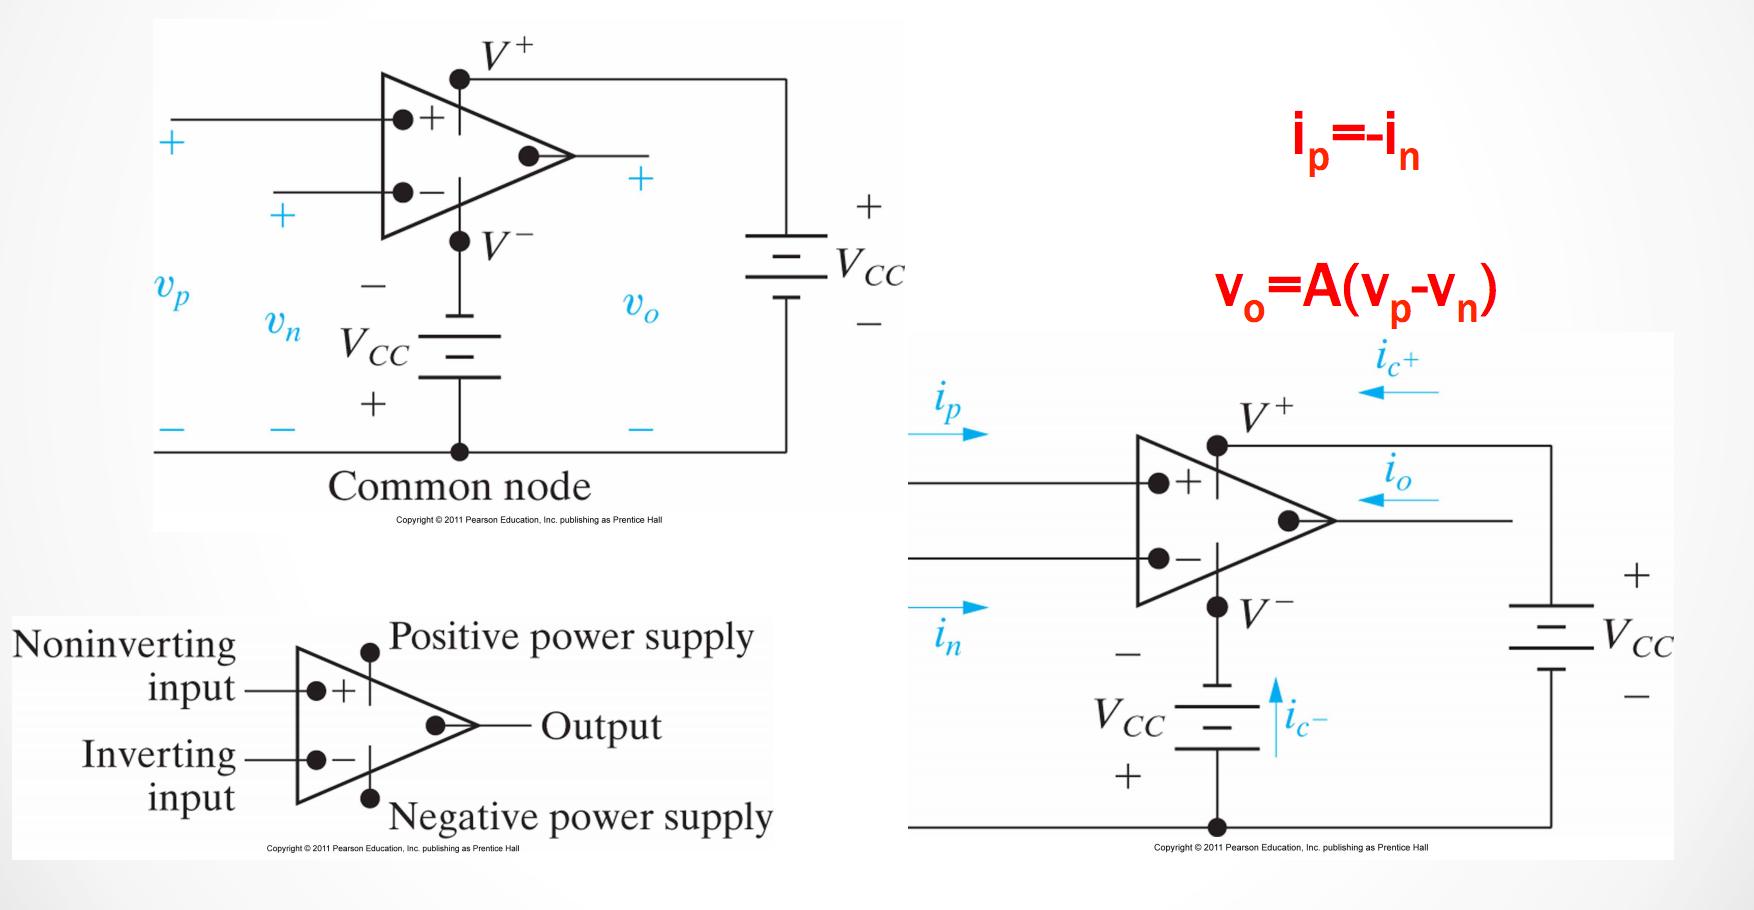 An operational amplifier